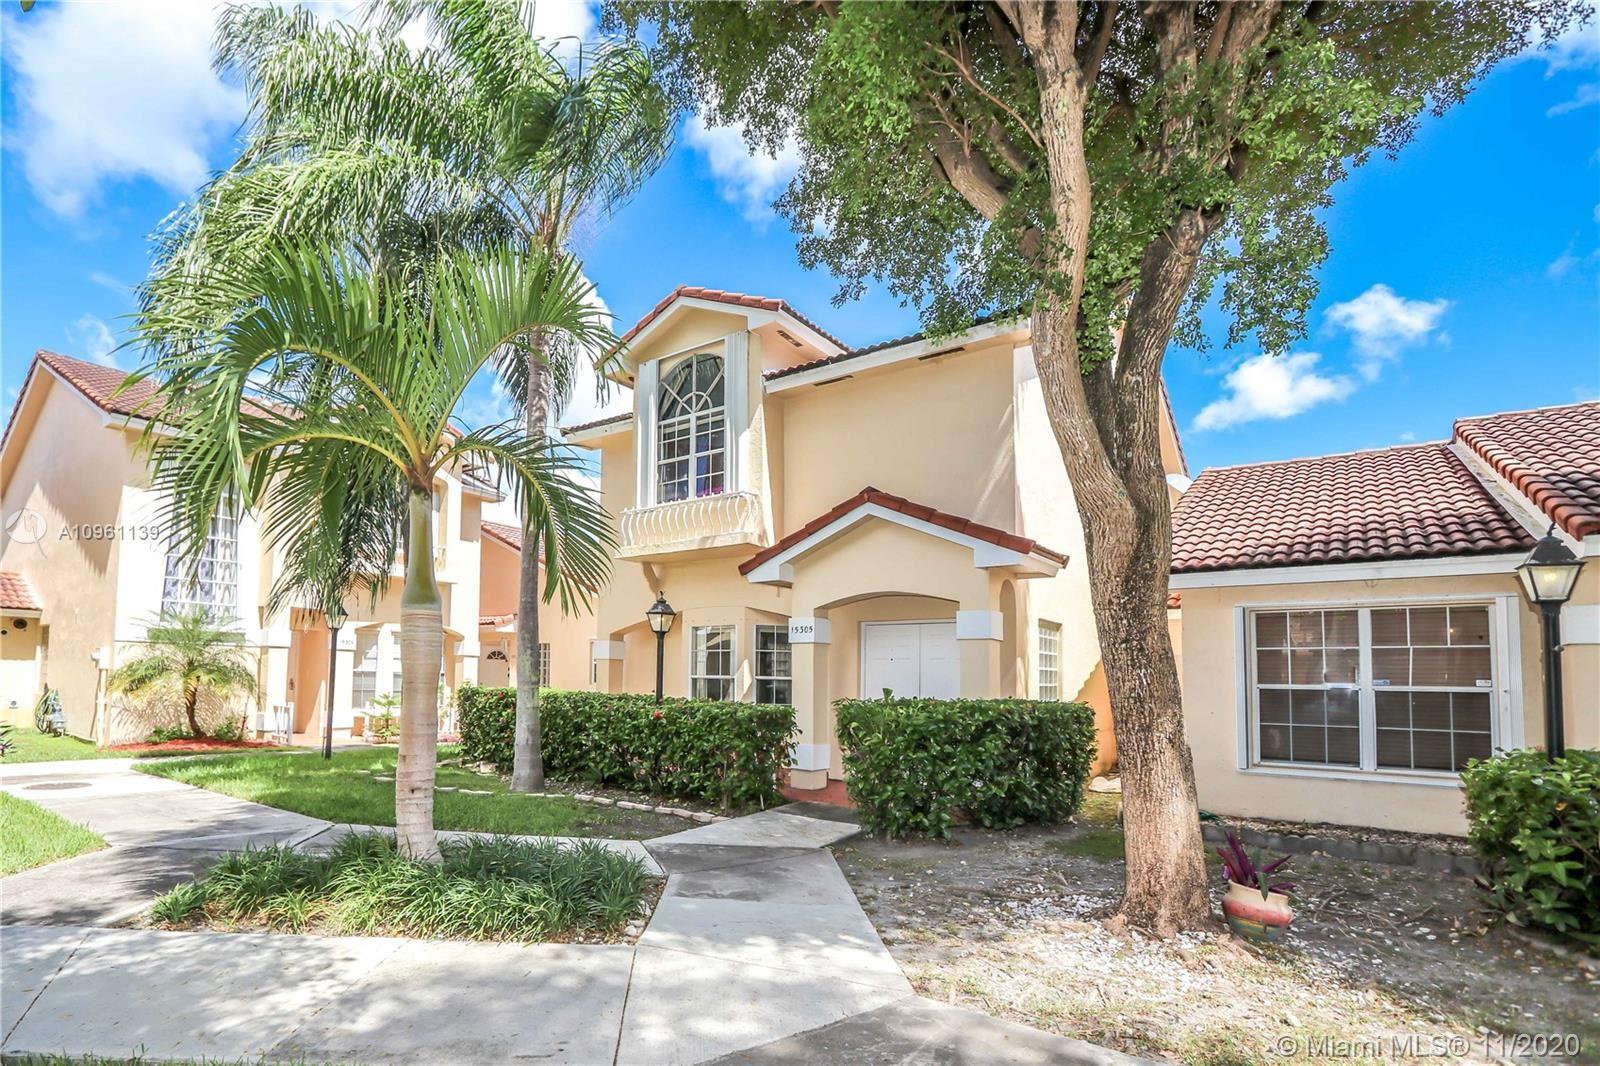 15305 SW 111th St #15305, Miami, FL 33196 - #: A10961139